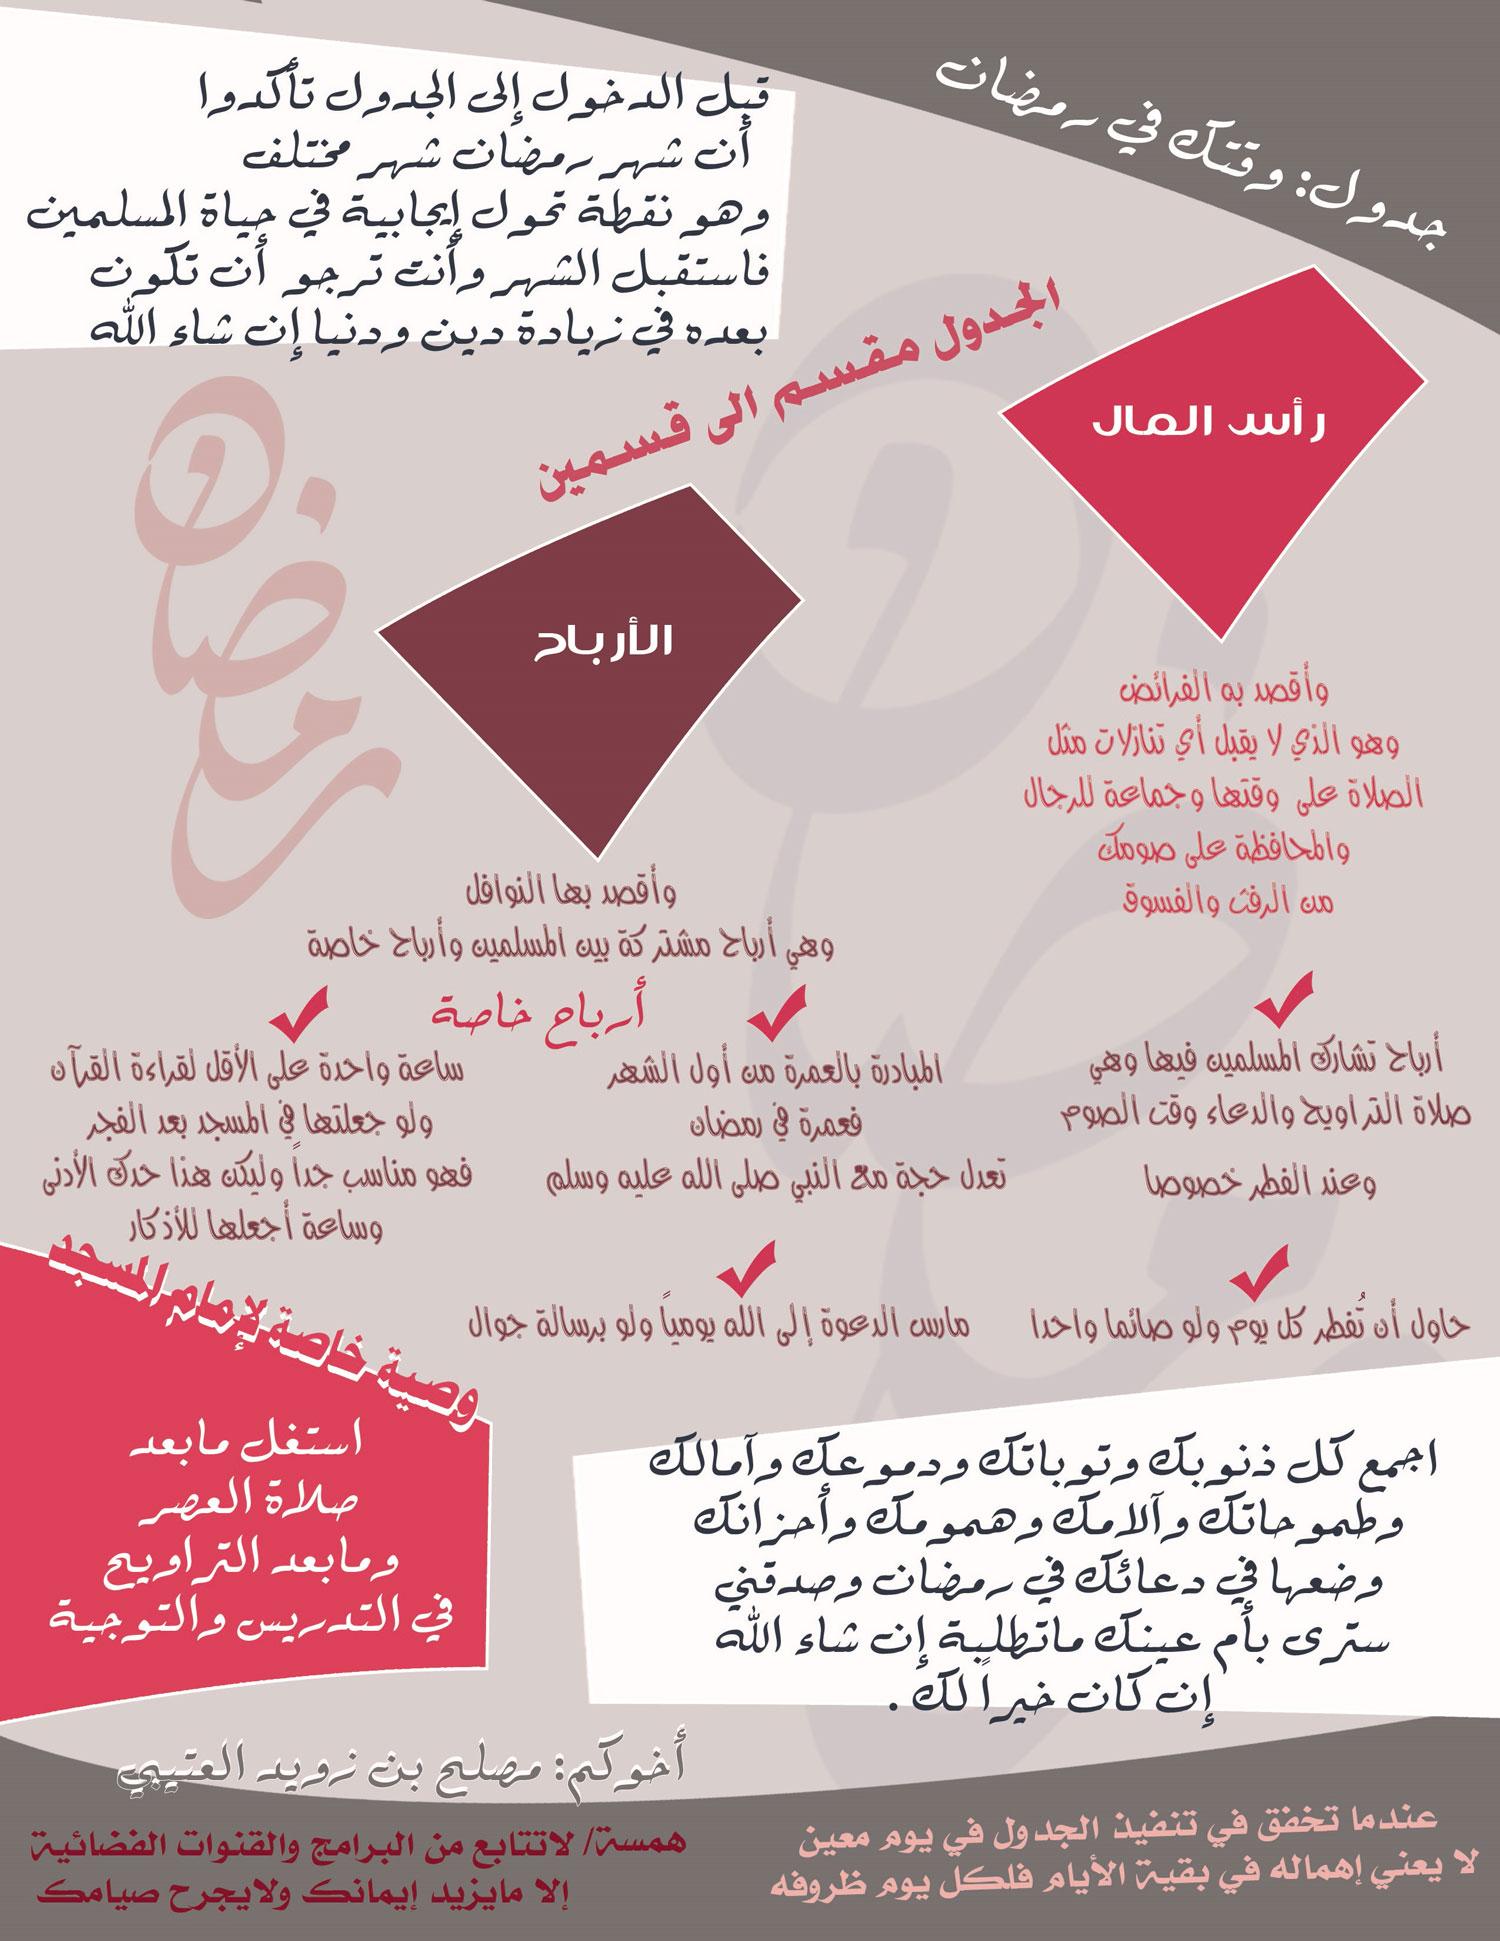 جدول  وقتك في رمضان   26-1